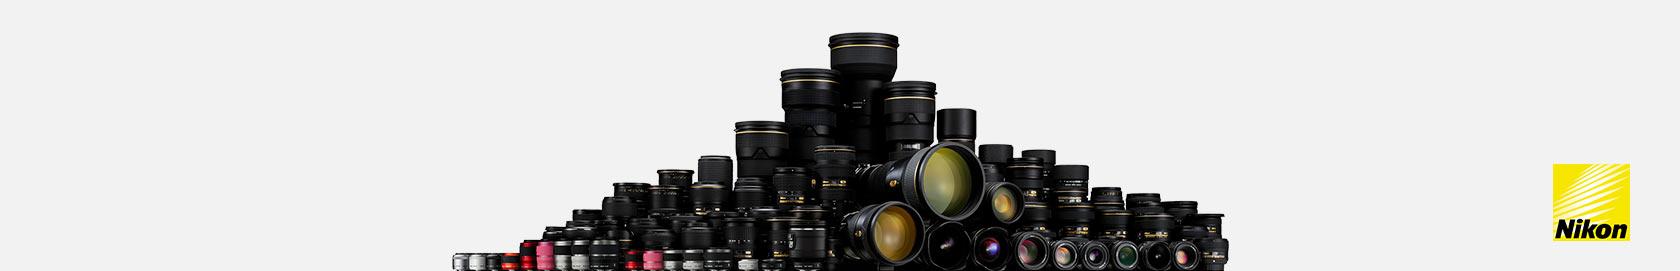 Nikon F FX